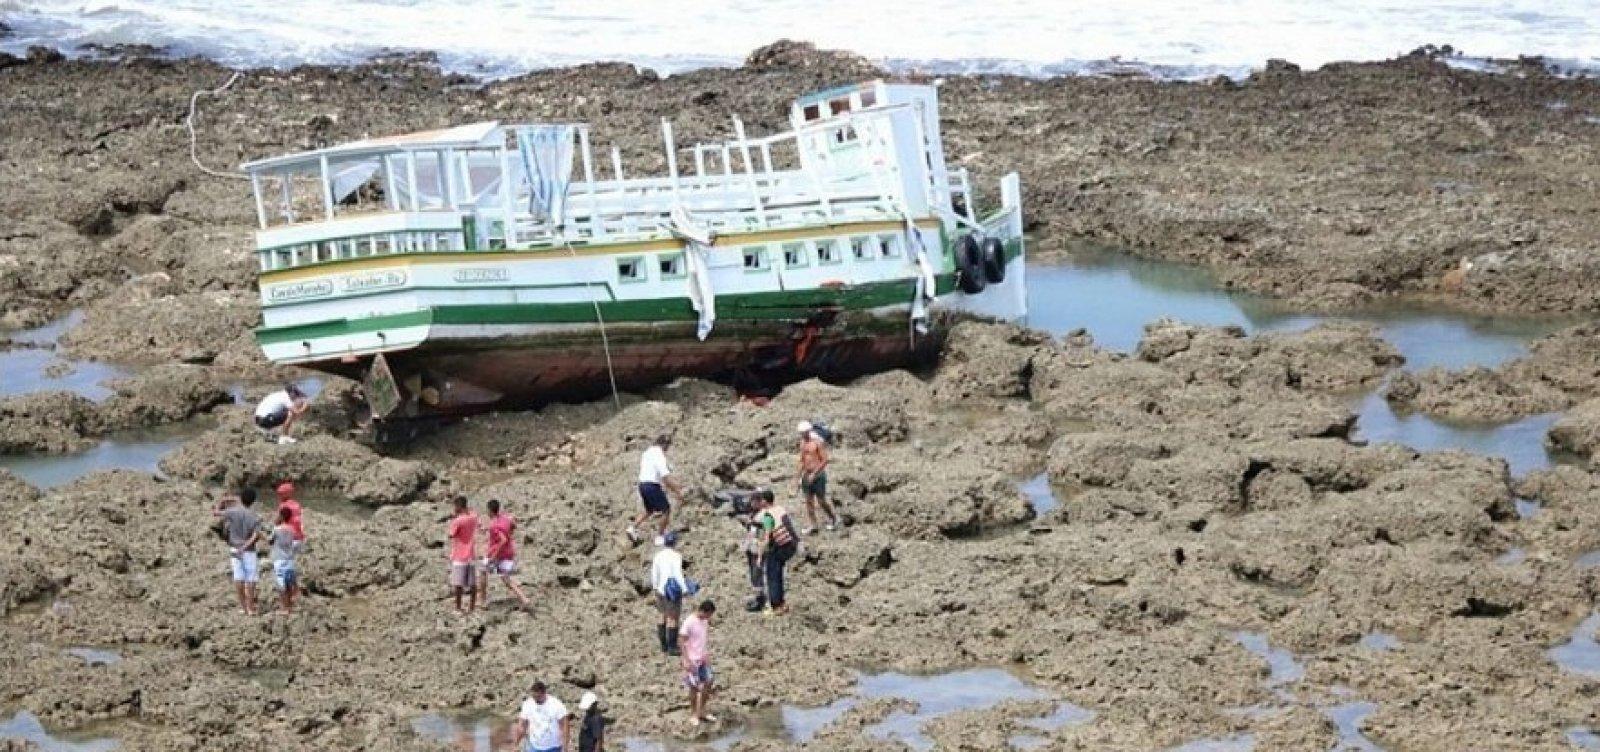 Justiça condena dono e empresa de lancha que naufragou na Baía de Todos-os-Santos